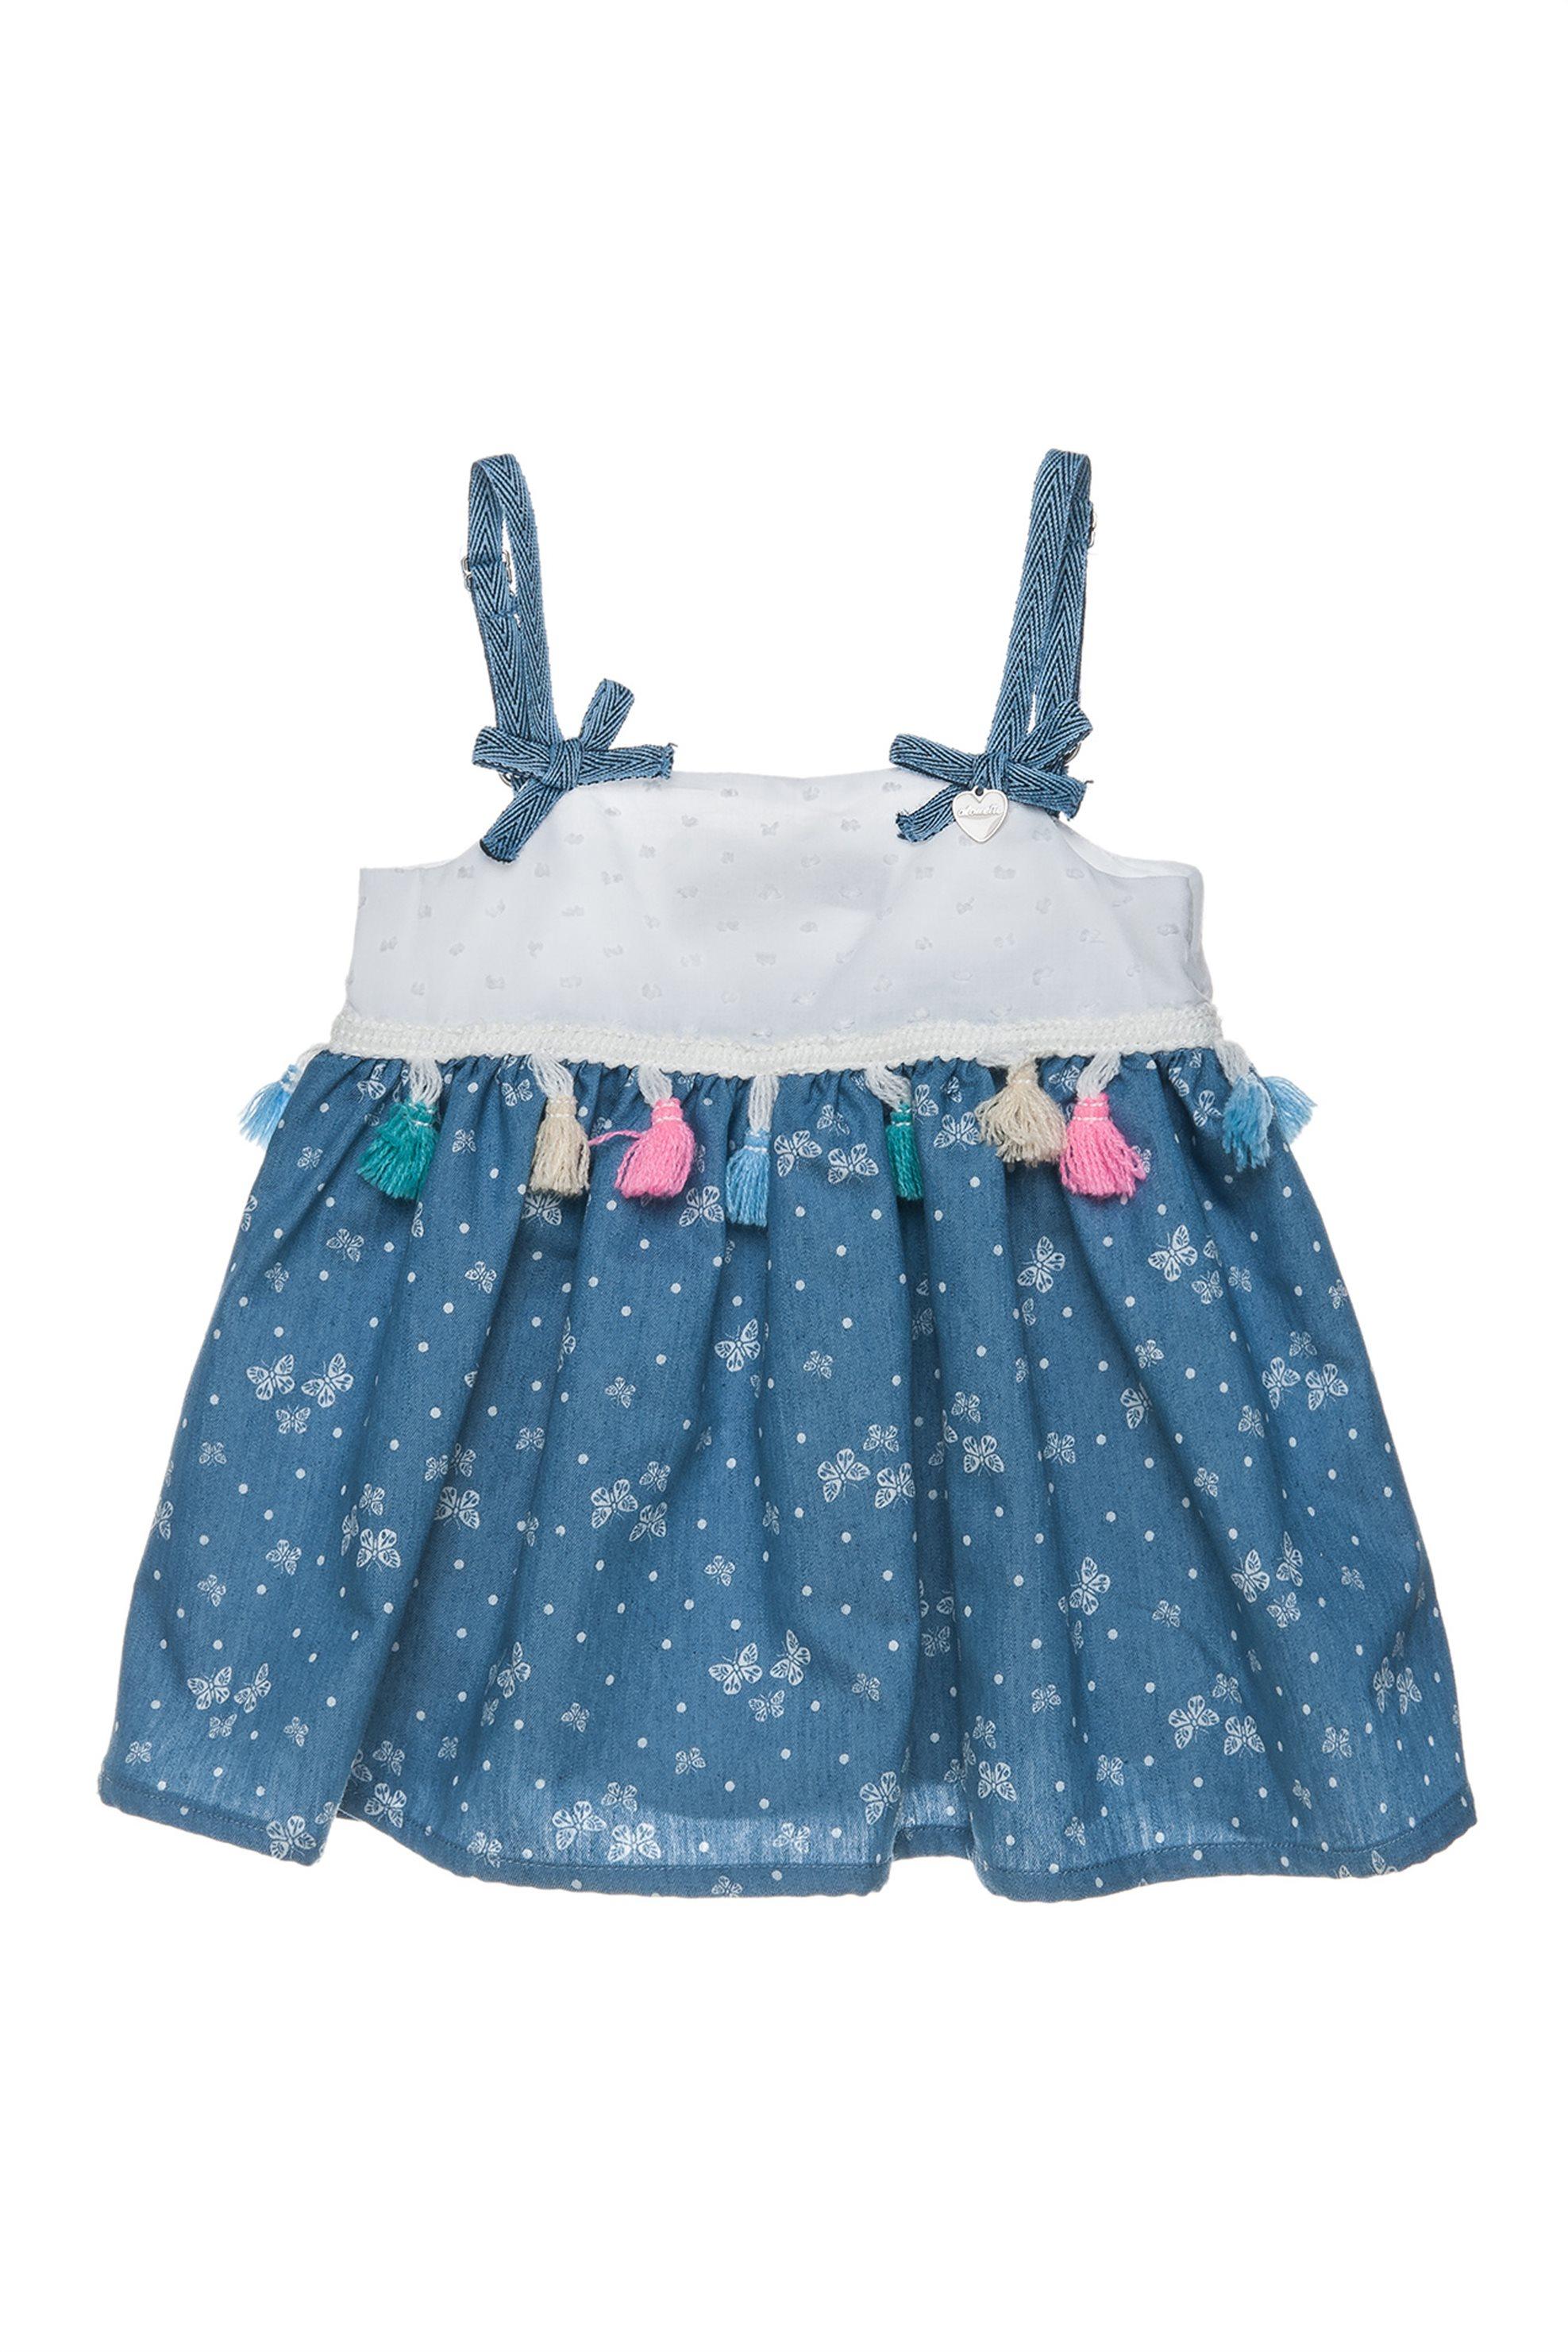 Παιδικό φόρεμα με κρόσσια Alouette - 00241210 - Λευκό παιδι   βρεφικα κοριτσι   0 3 ετων   ρούχα   φορέματα   φούστες